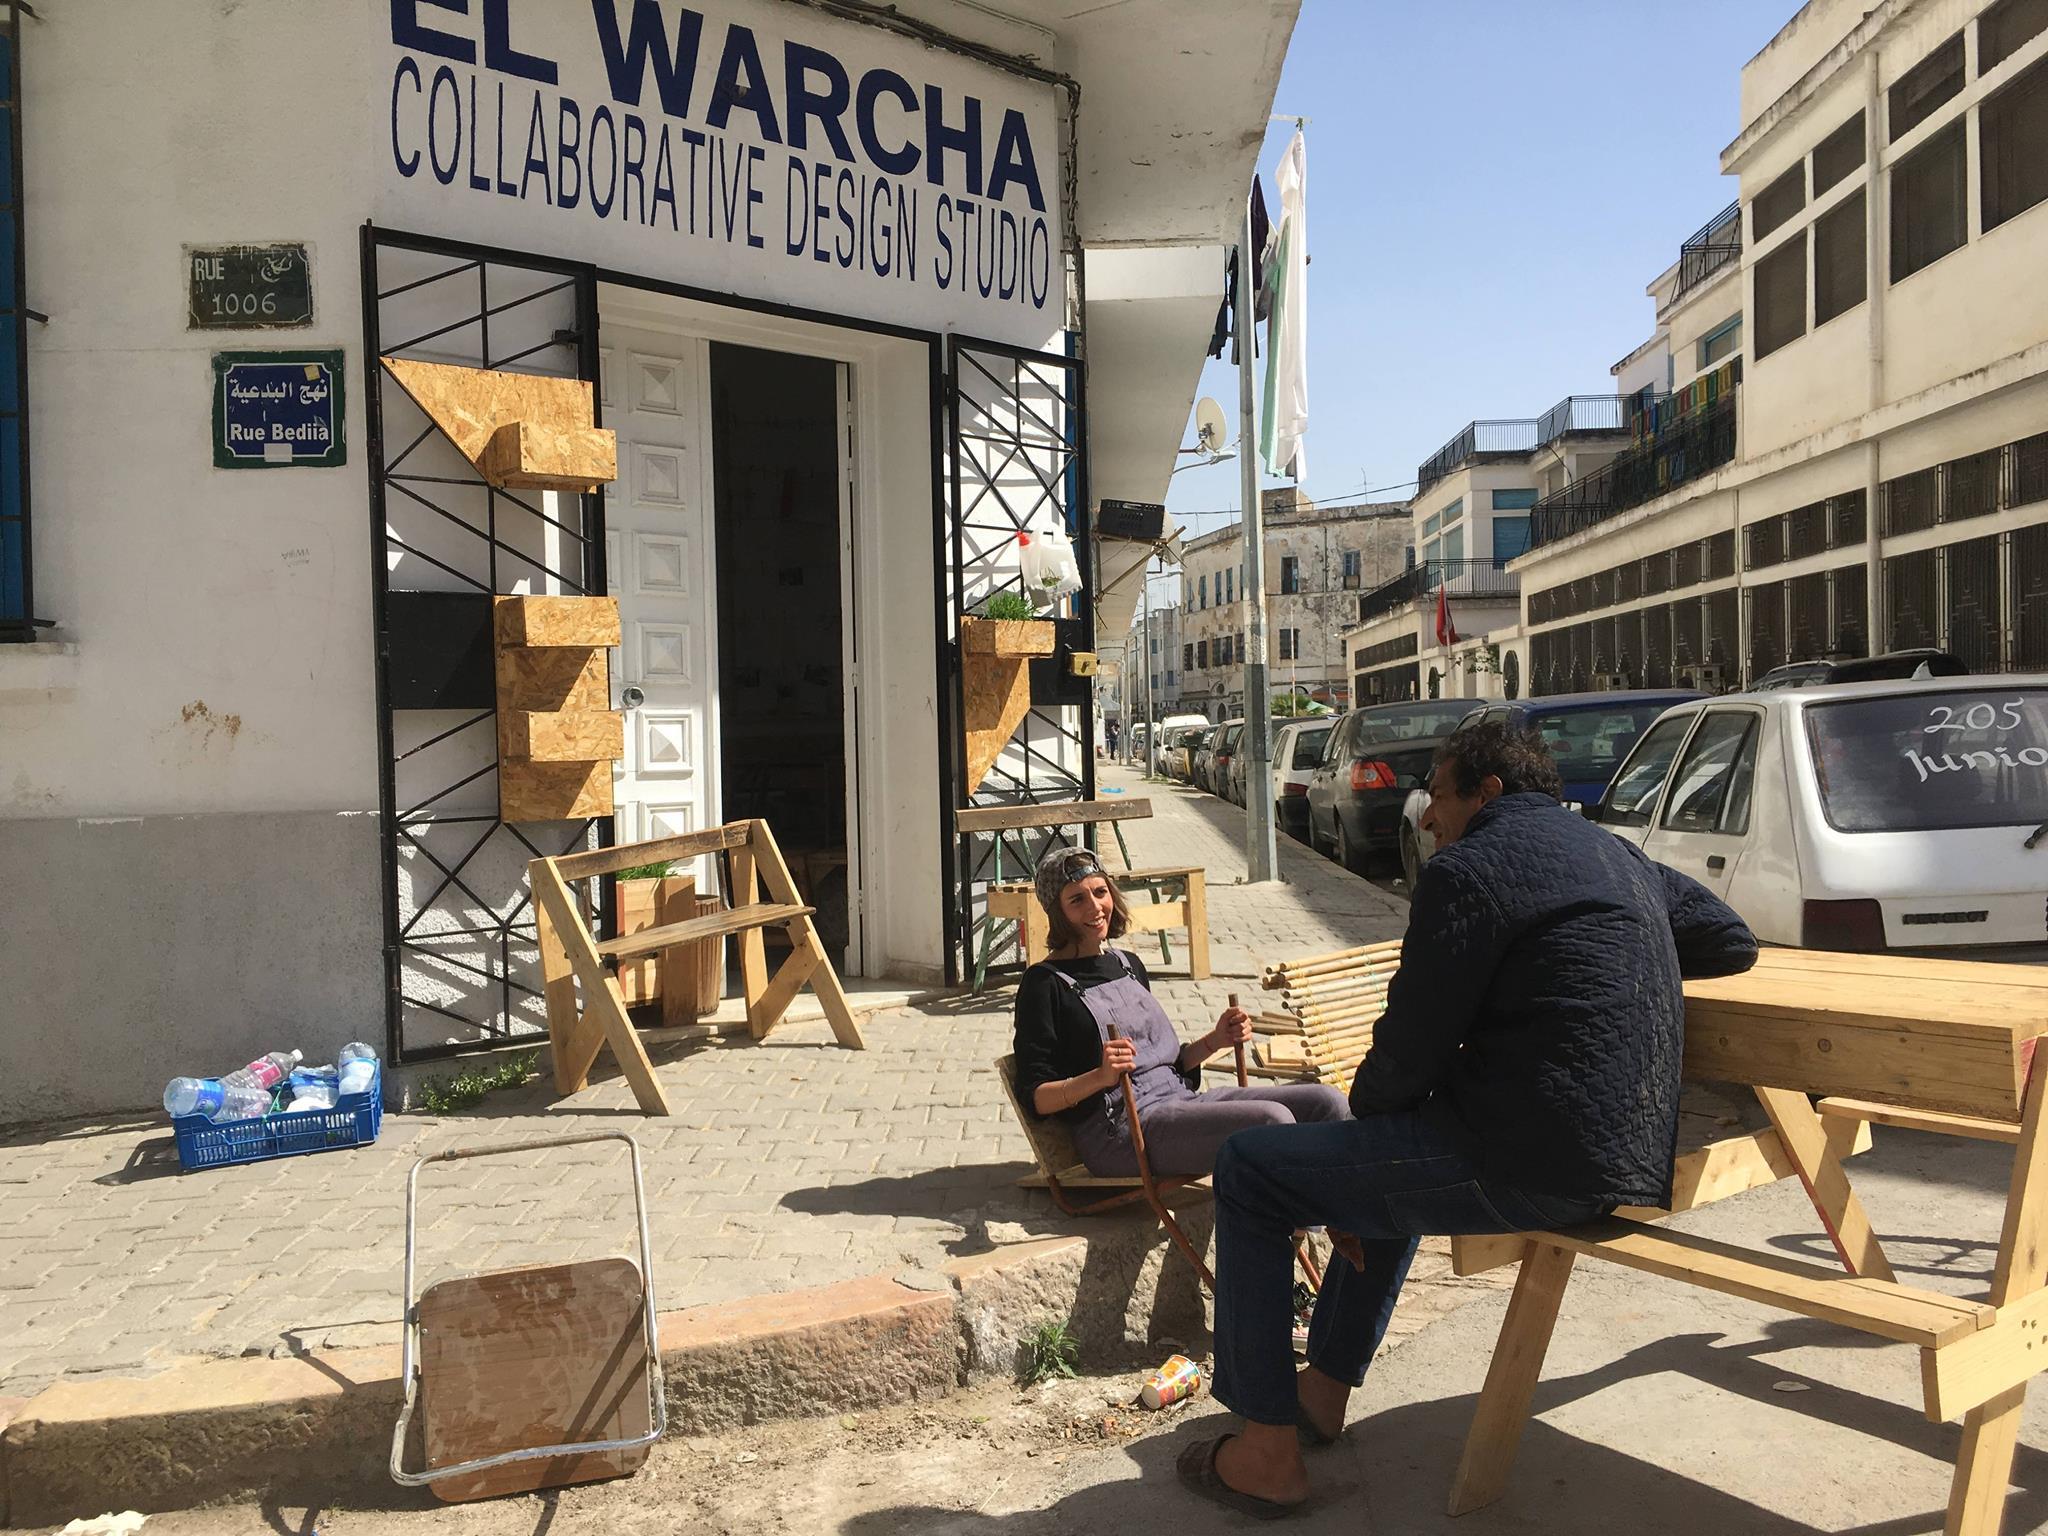 El Warcha 2017-2018